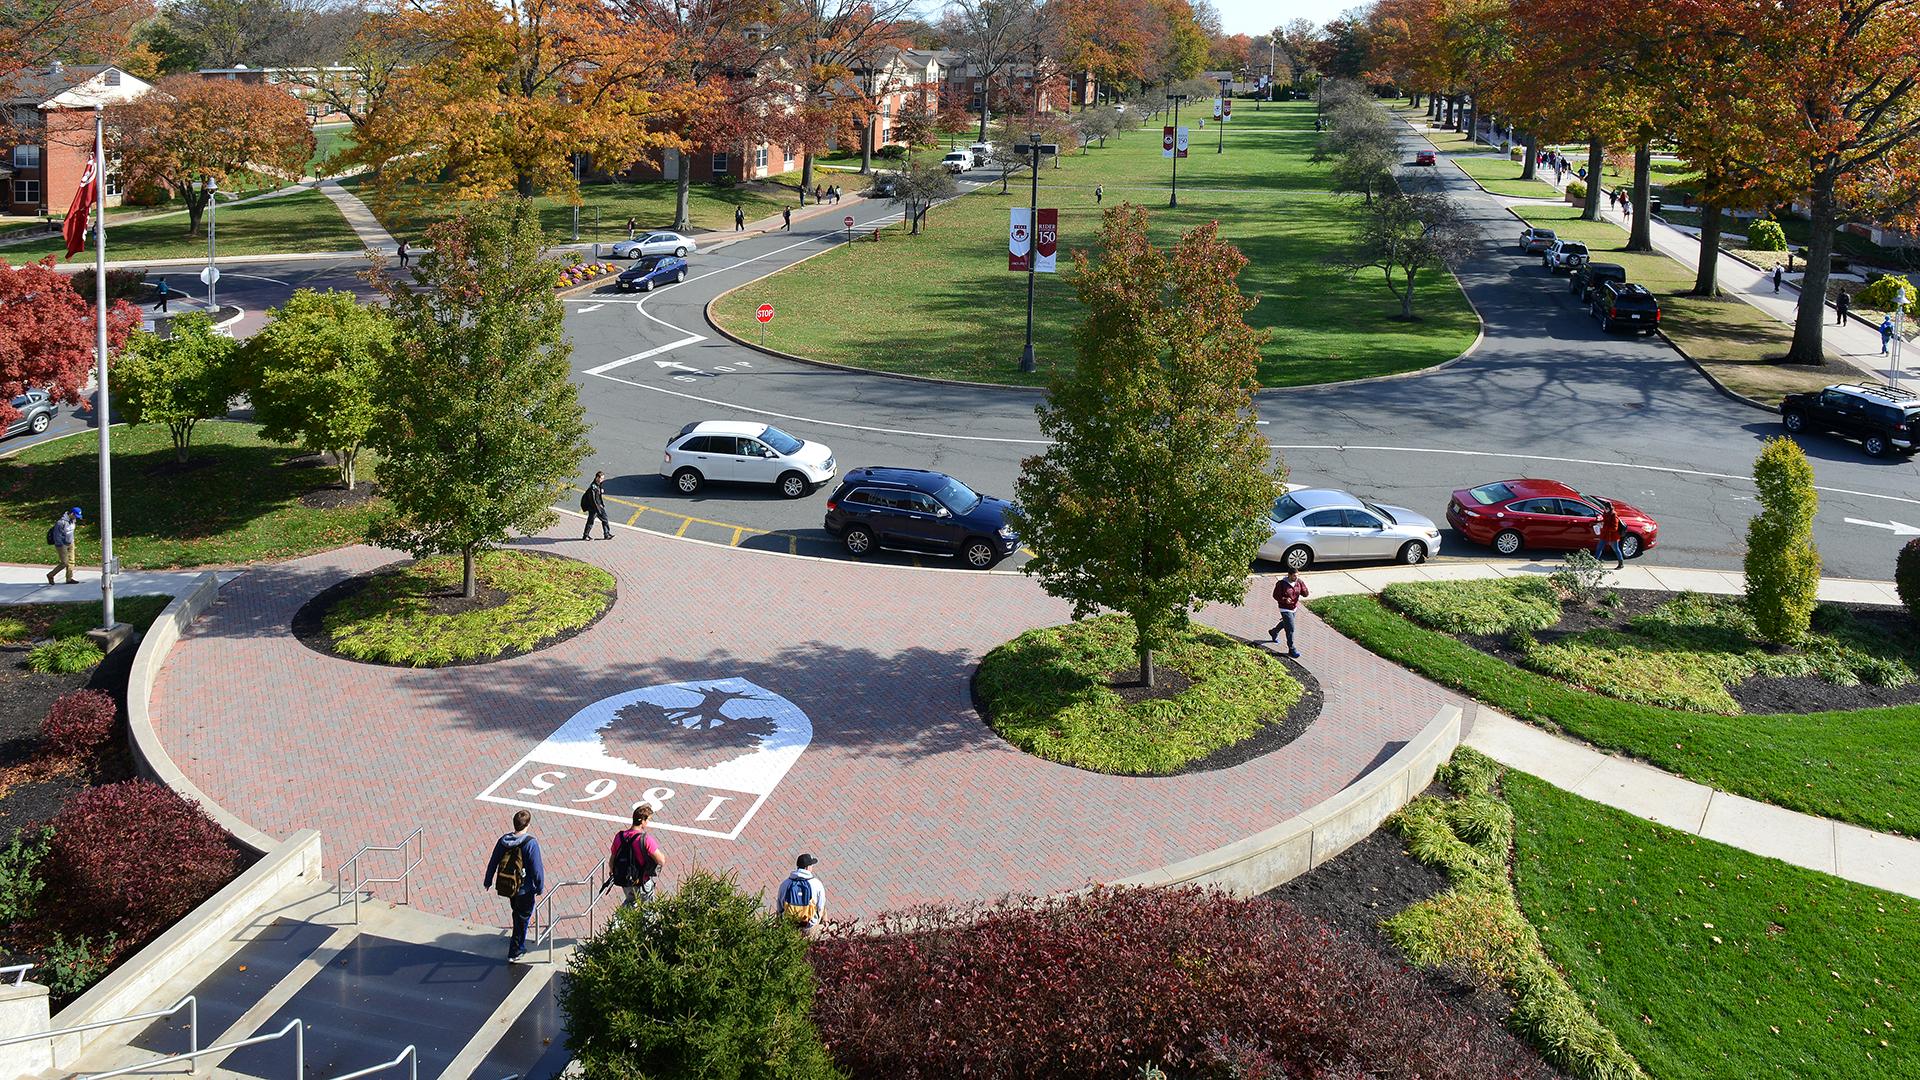 Rider University campus scene